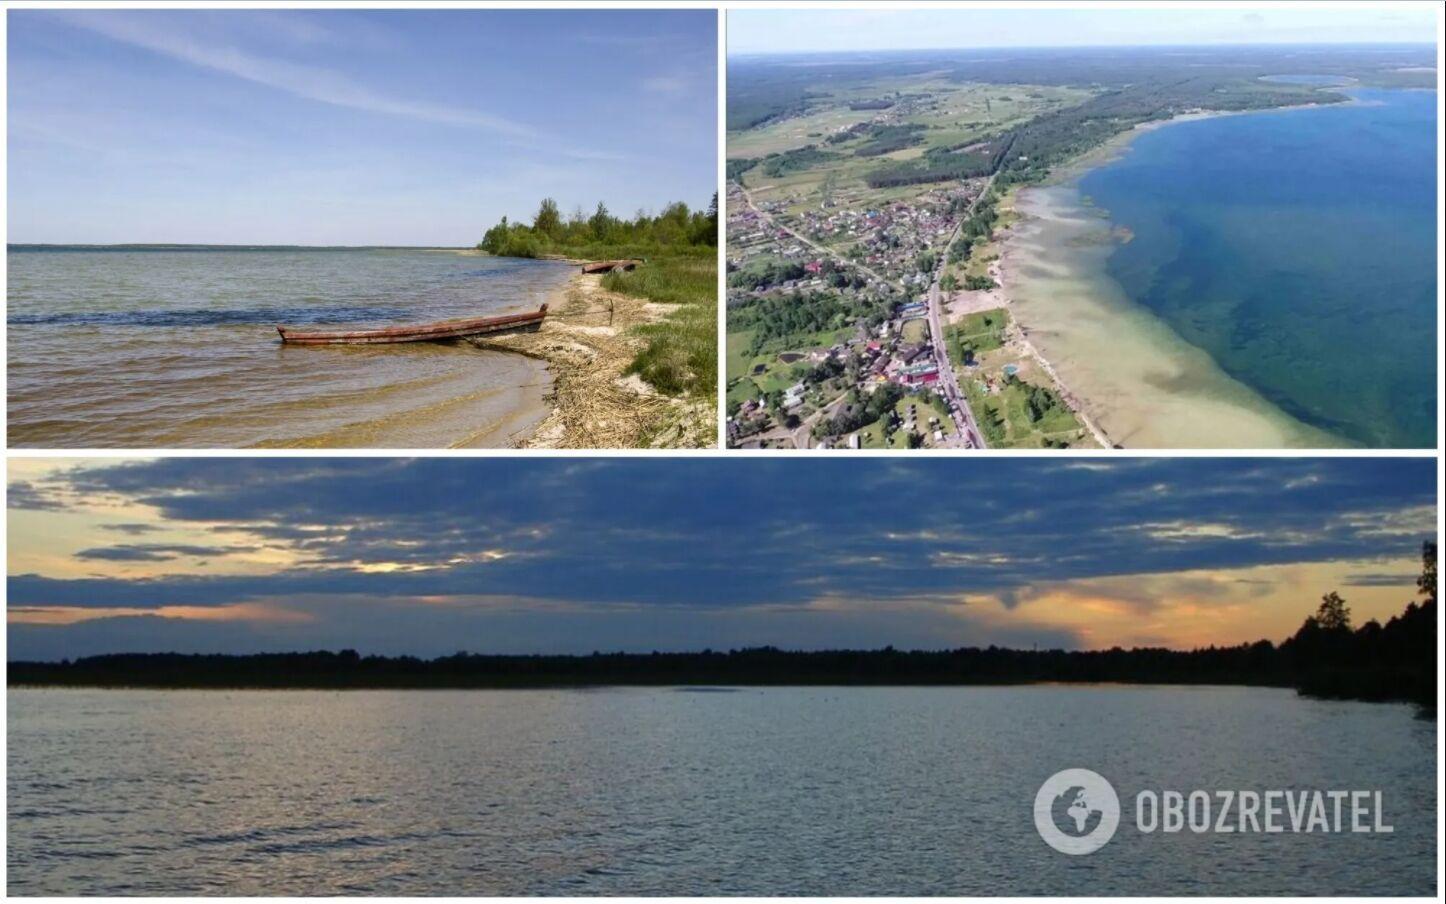 Озеро Світязь вважається найглибшим в Україні